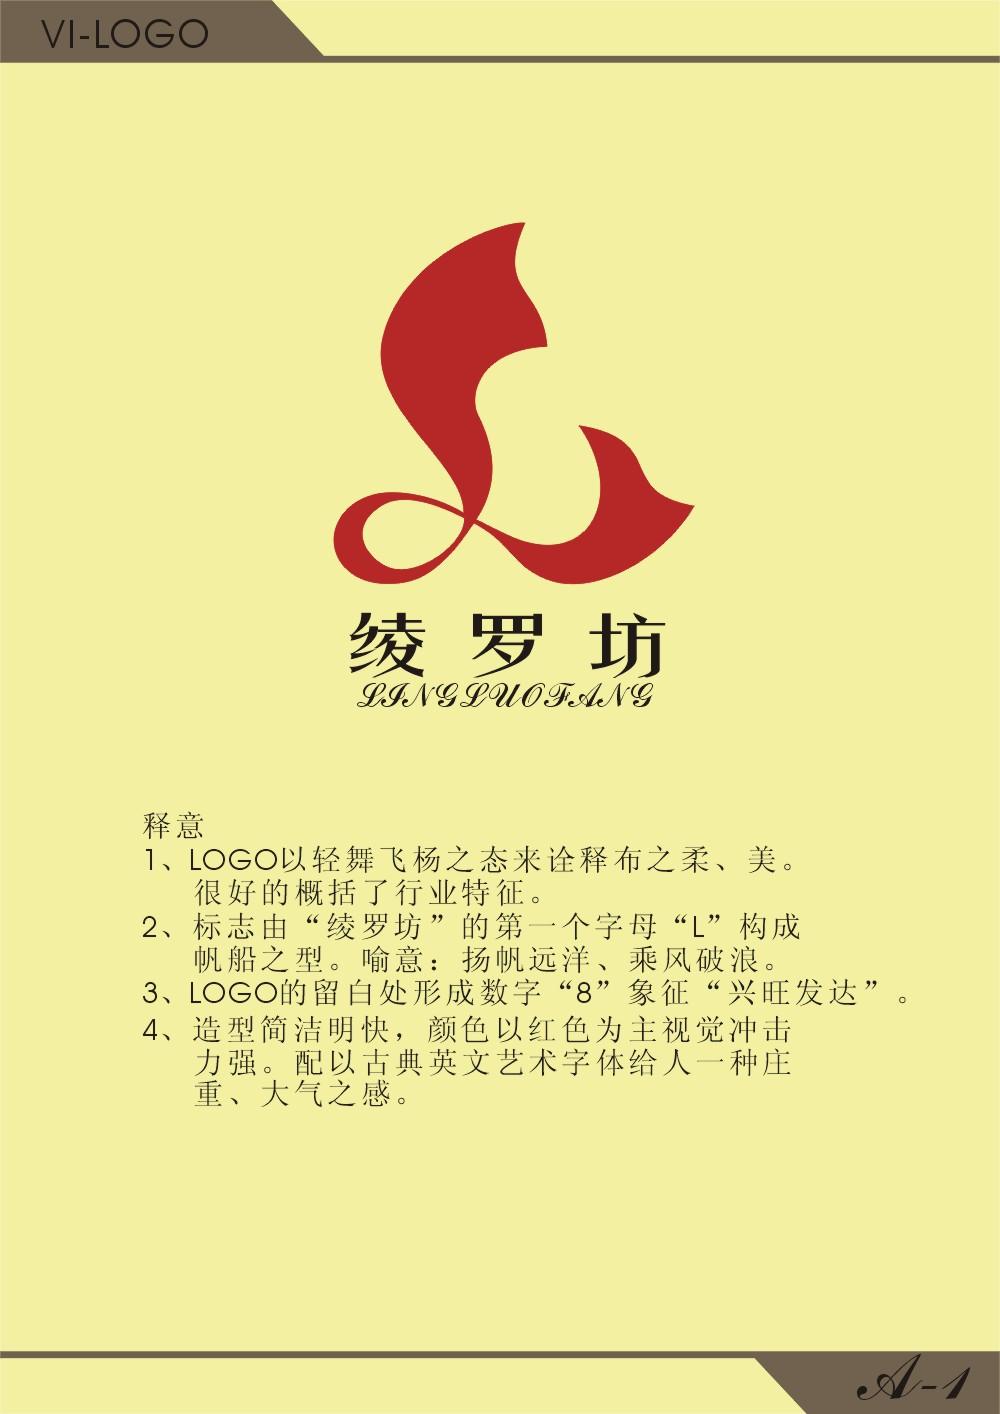 上海扇飞礼品有限公司